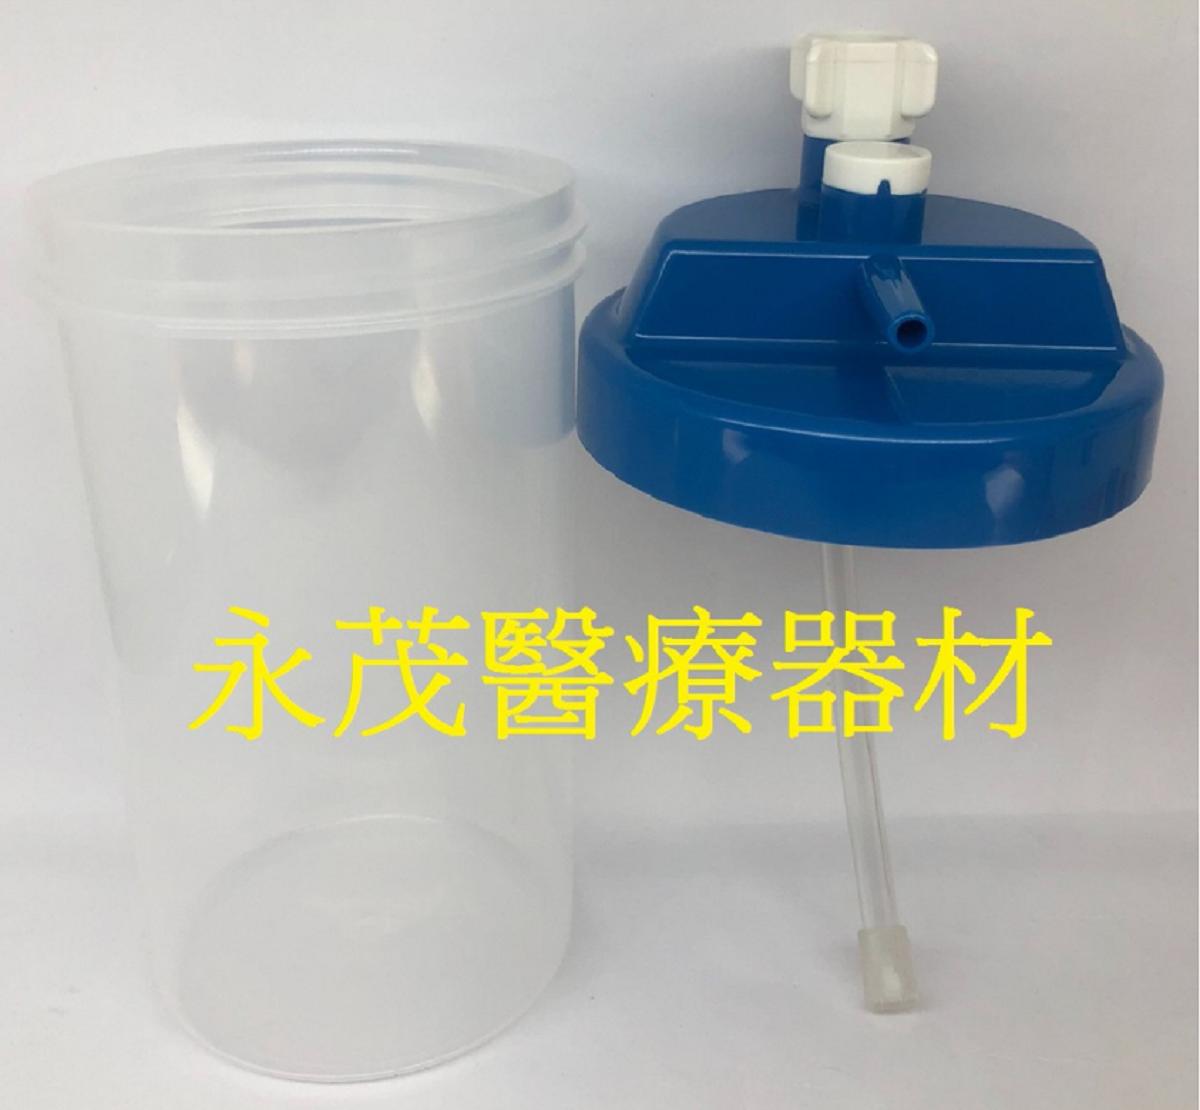 氧氣機潮濕瓶 潮濕杯 製氧機潮濕瓶 氧氣製造機潮濕瓶 配件